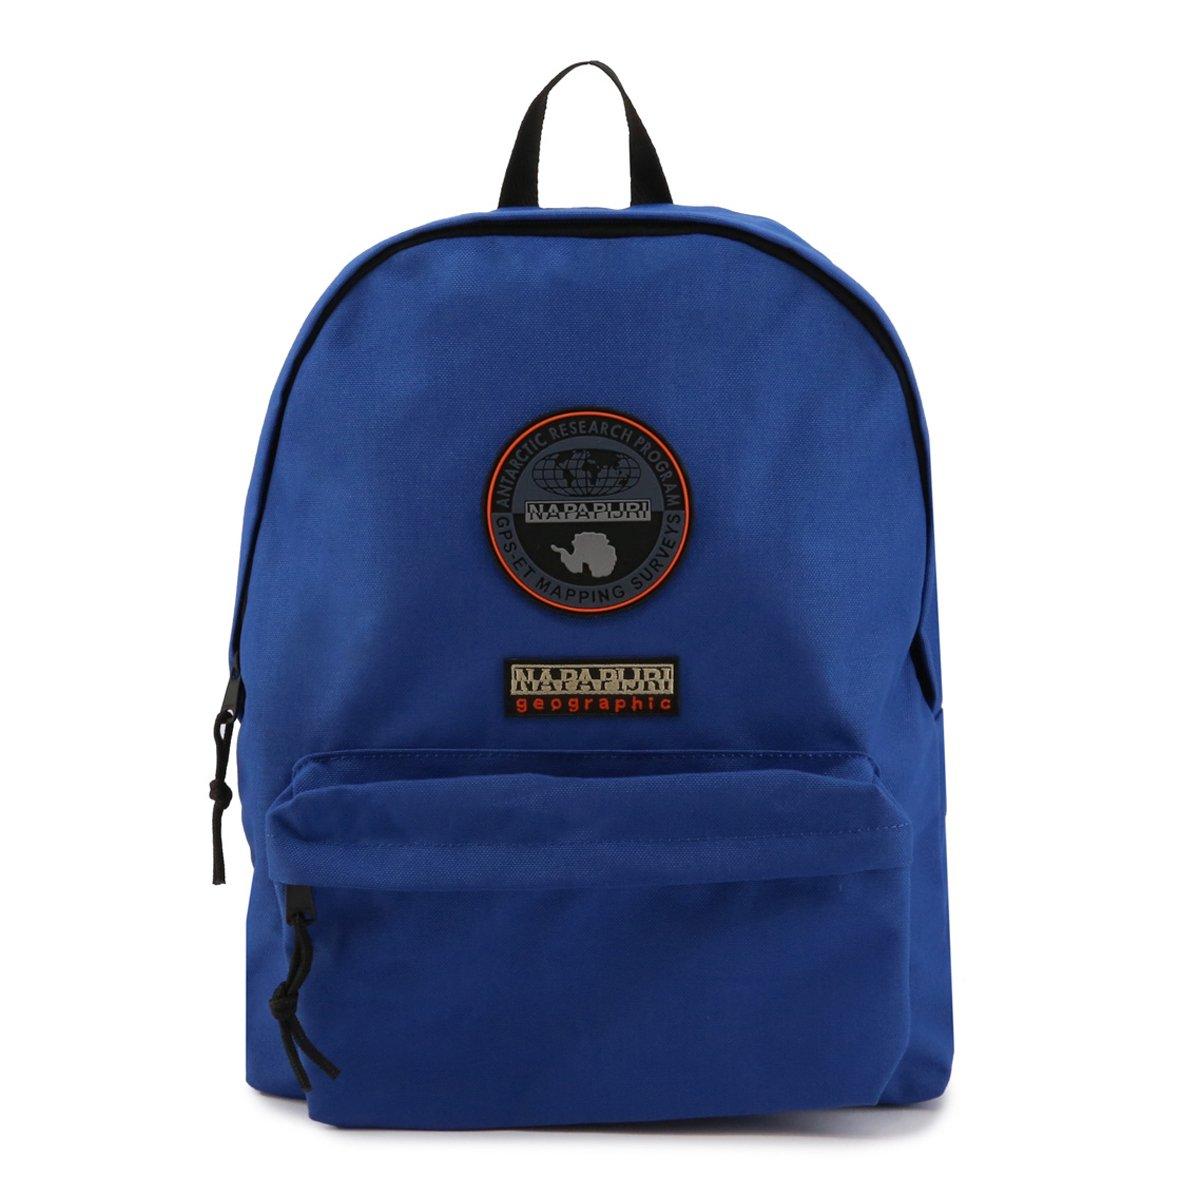 Napapijri Unisex Backpack Various Colours NAP-VOYAGE - blue NOSIZE